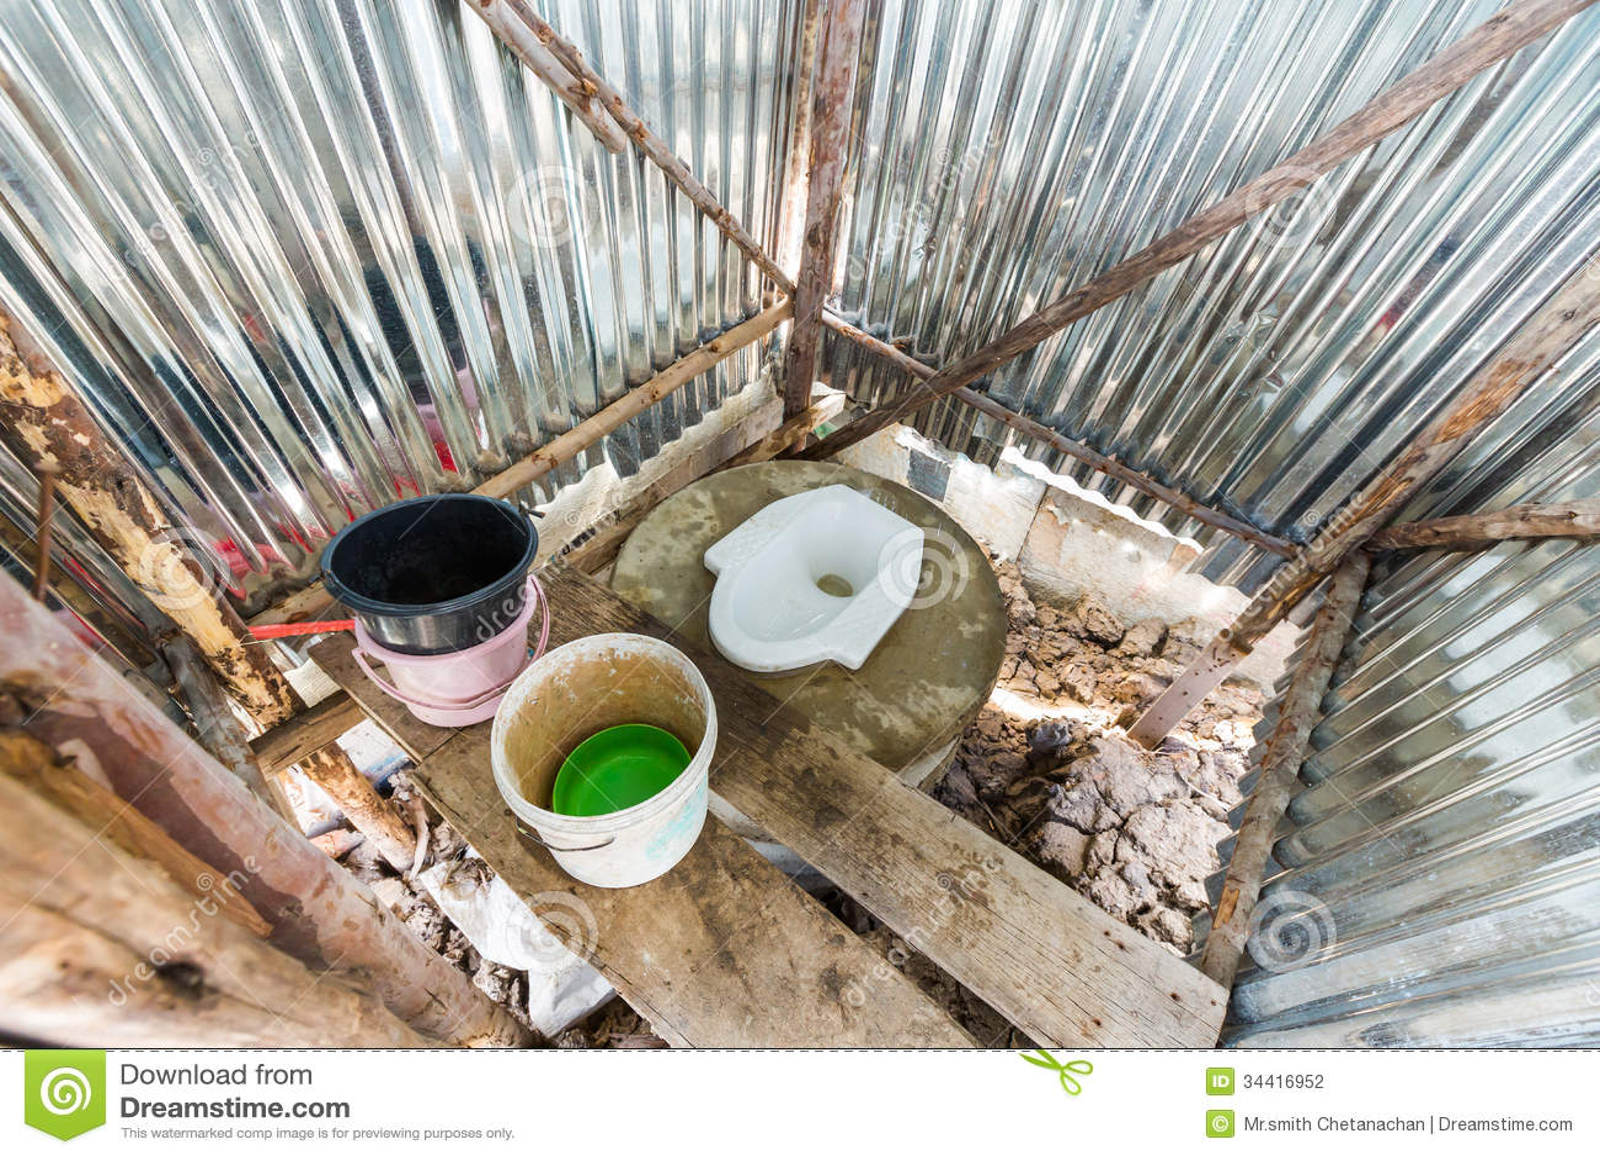 Tijdelijk Toilet Binnen : Tijdelijk toilet bij bouwwerf stock foto afbeelding bestaande